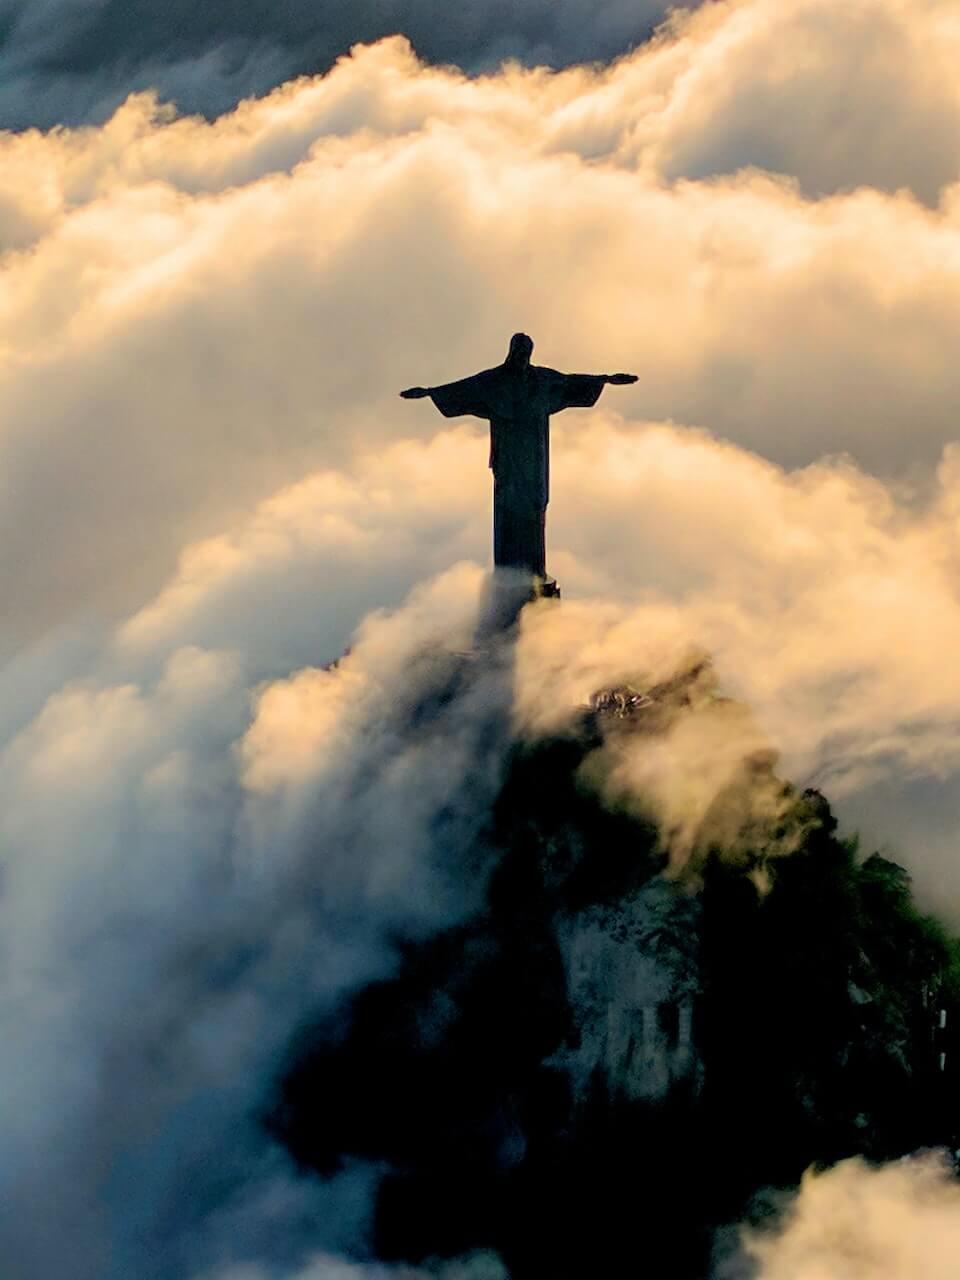 Foto do Cristo Redentor envolto por nuvens na cidade do Rio de Janeiro, RJ.